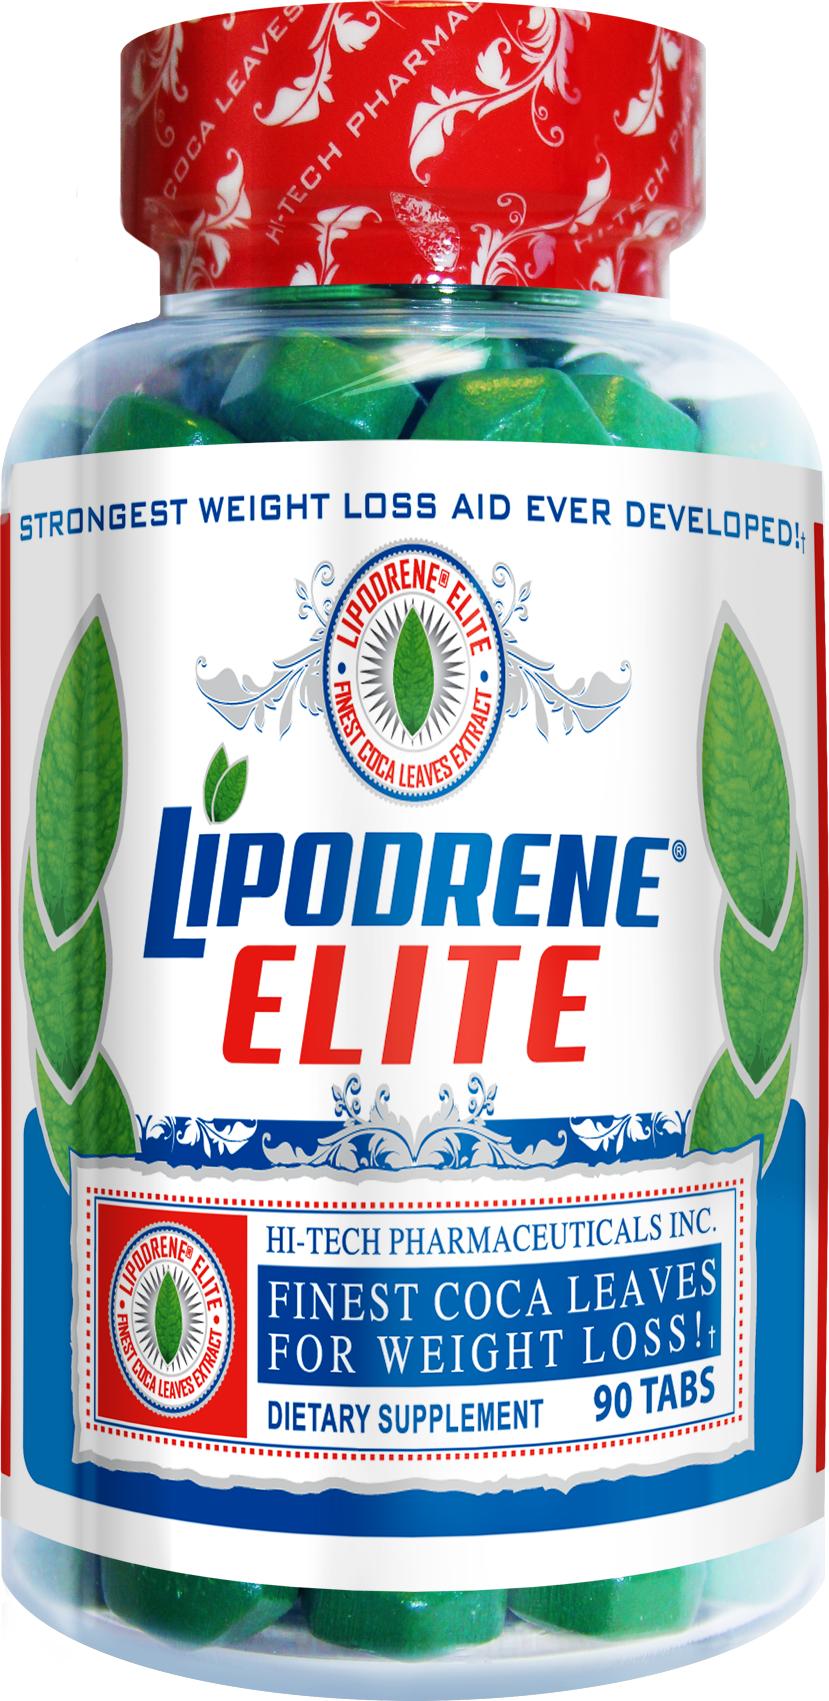 Lipodrene Elite